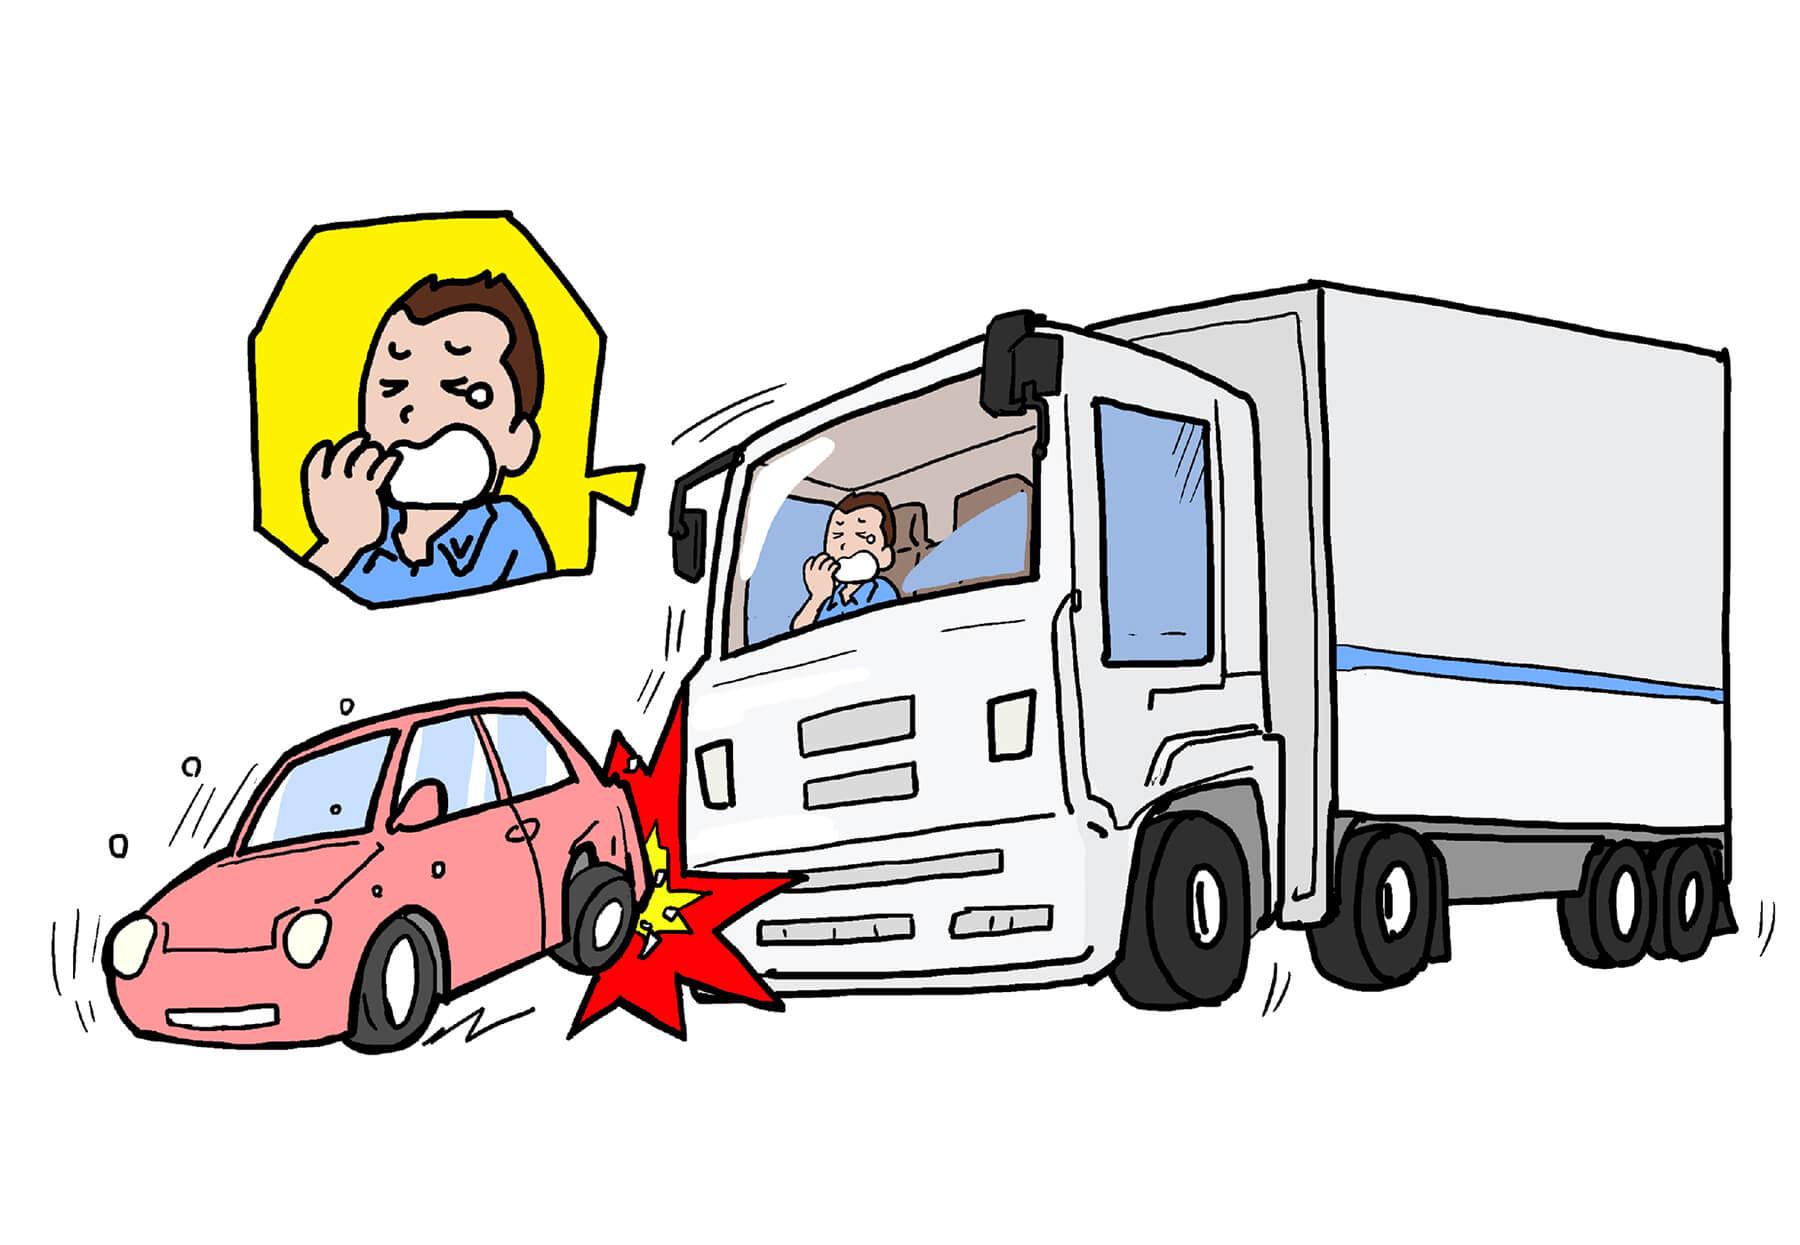 事故発生率は低いものの死亡事故発生率が高くなる夜間走行